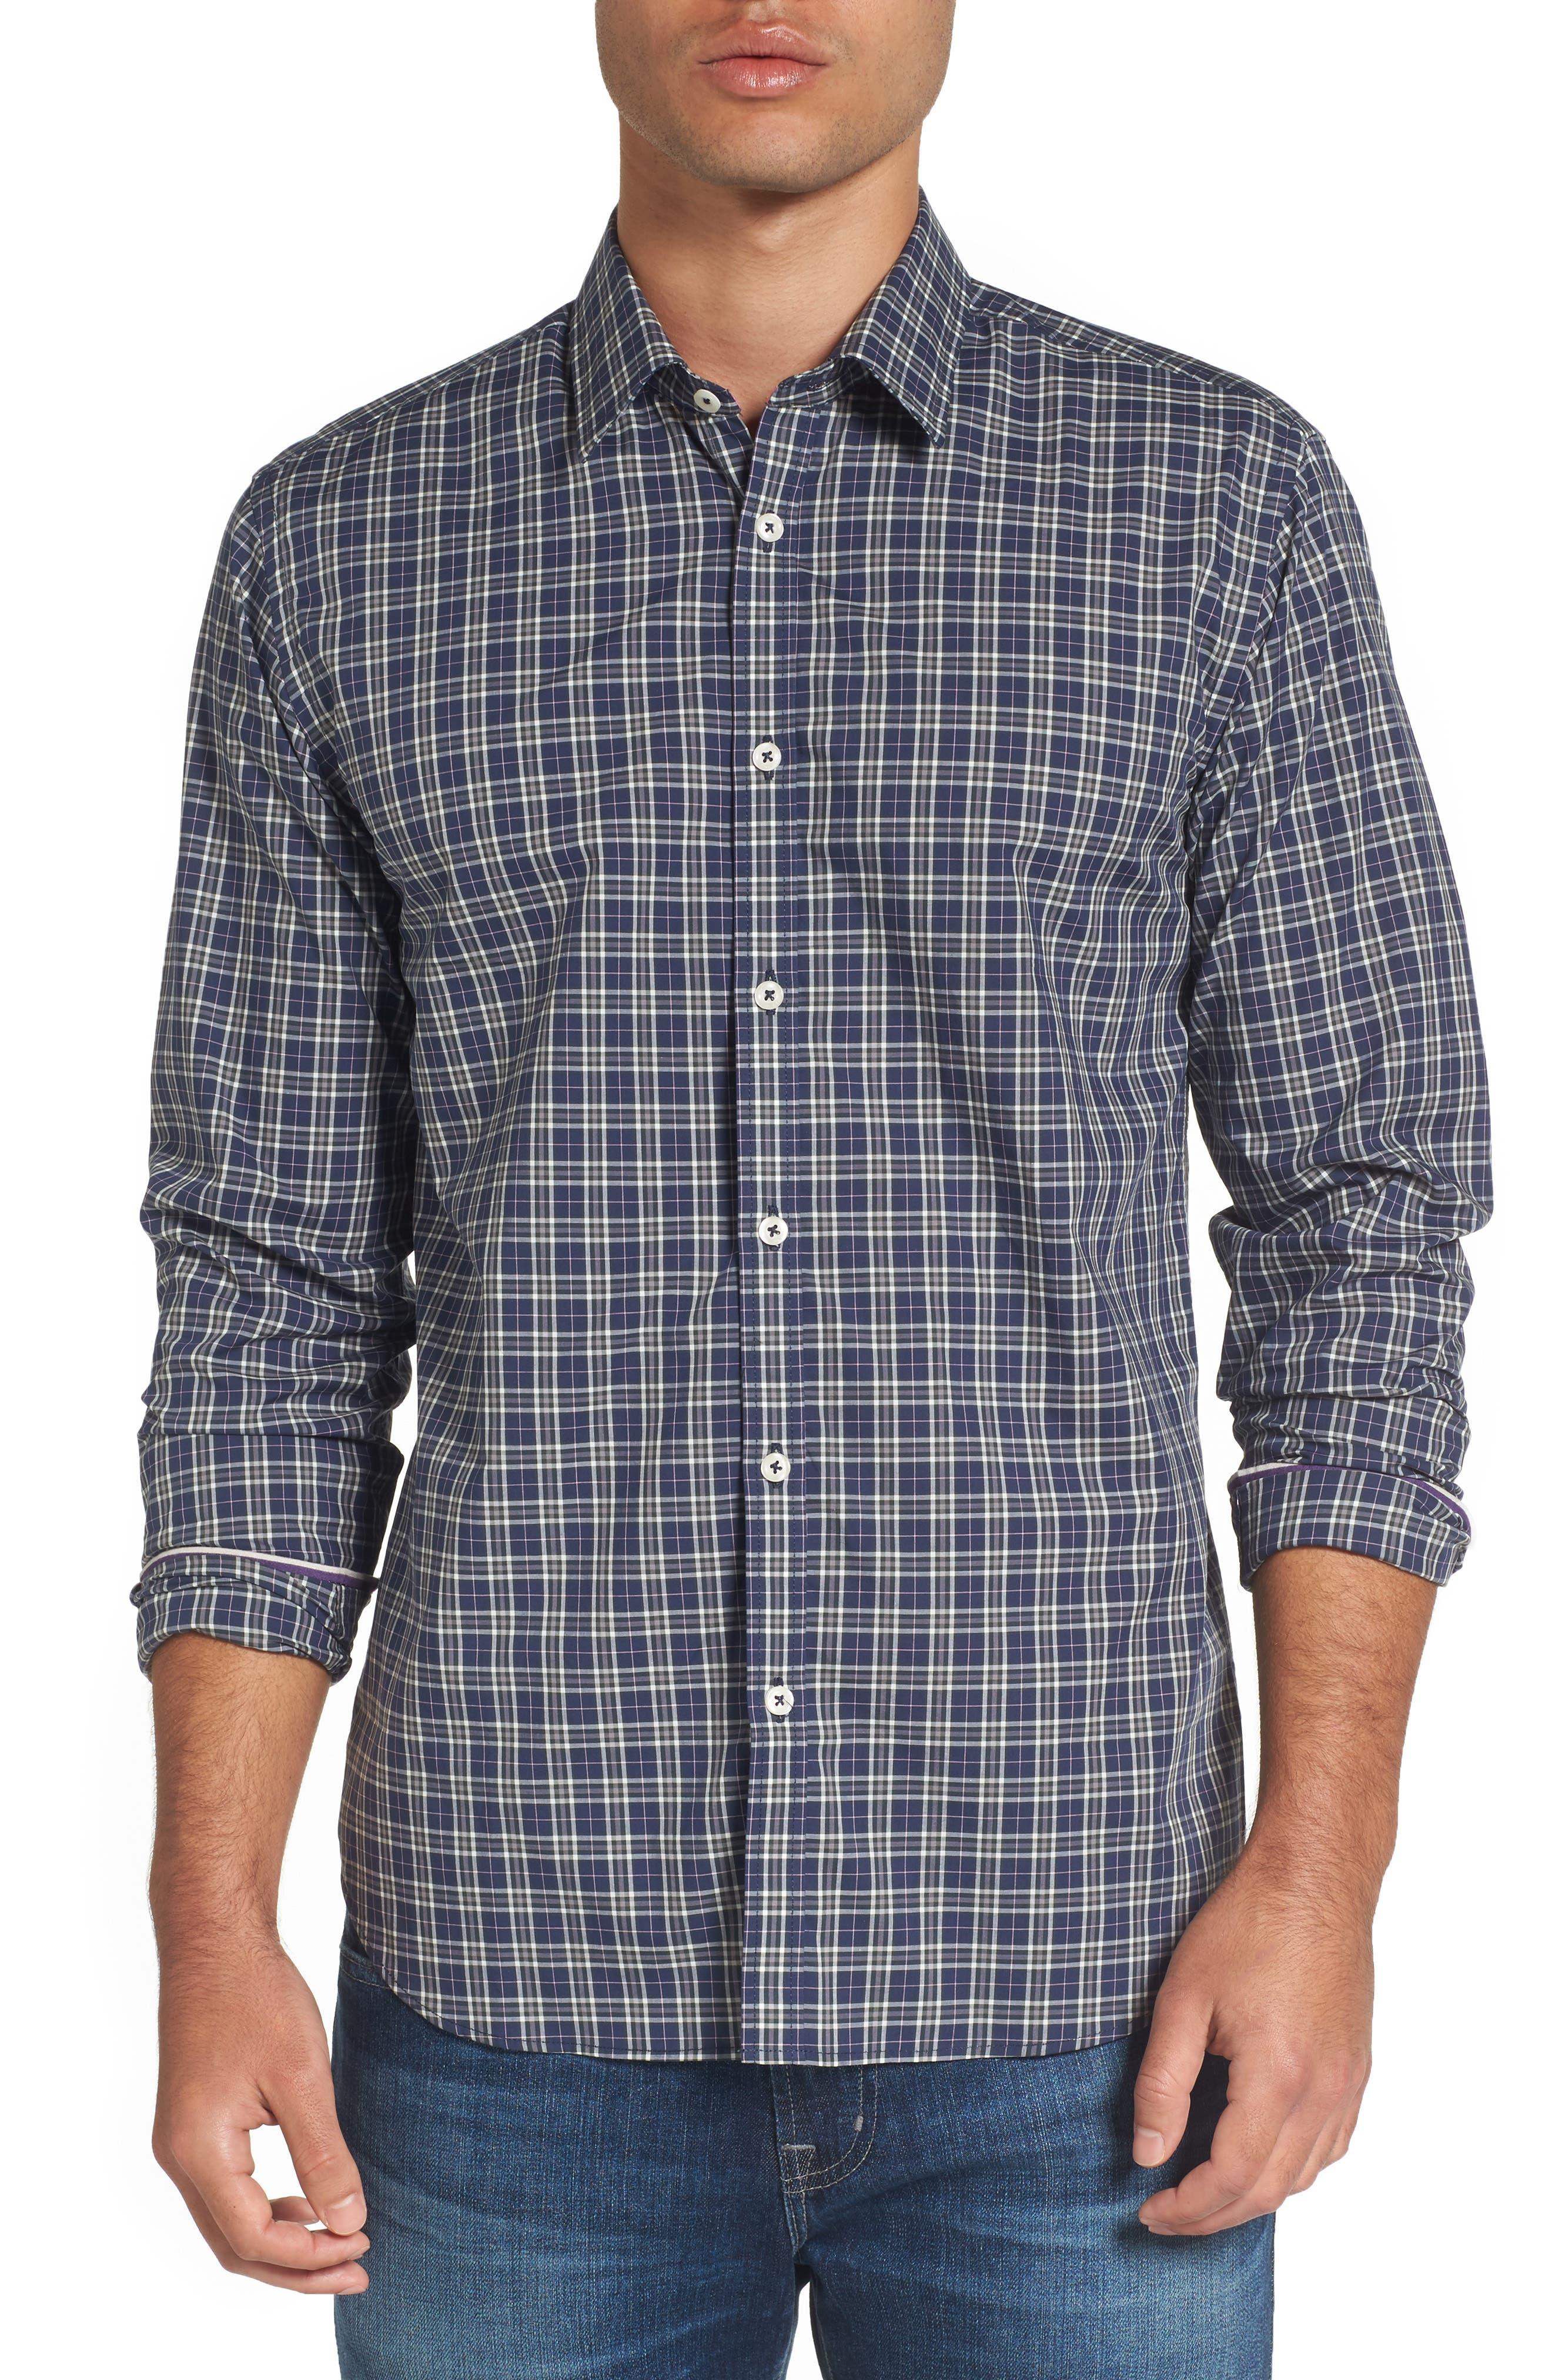 Jeremy Argyle Comfort Fit Plaid Sport Shirt